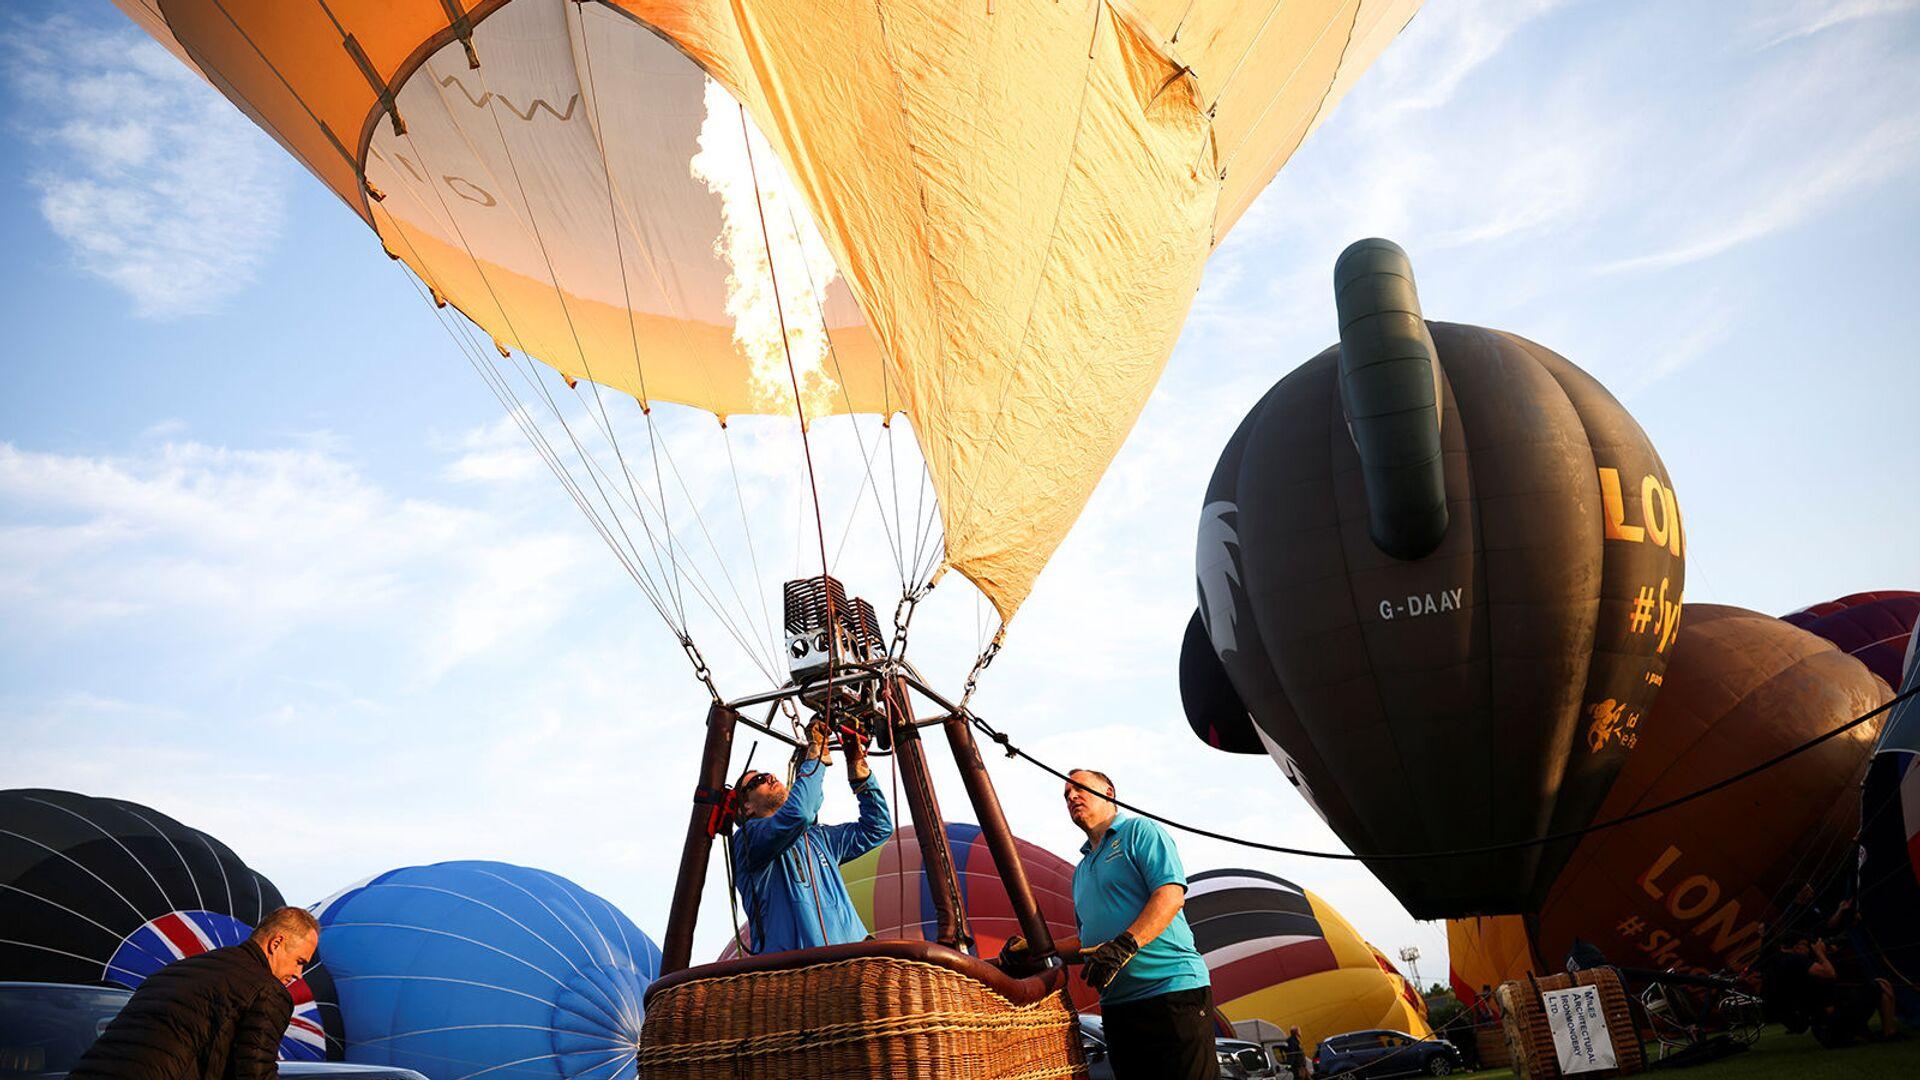 Օդապարիկ - Sputnik Արմենիա, 1920, 13.10.2021